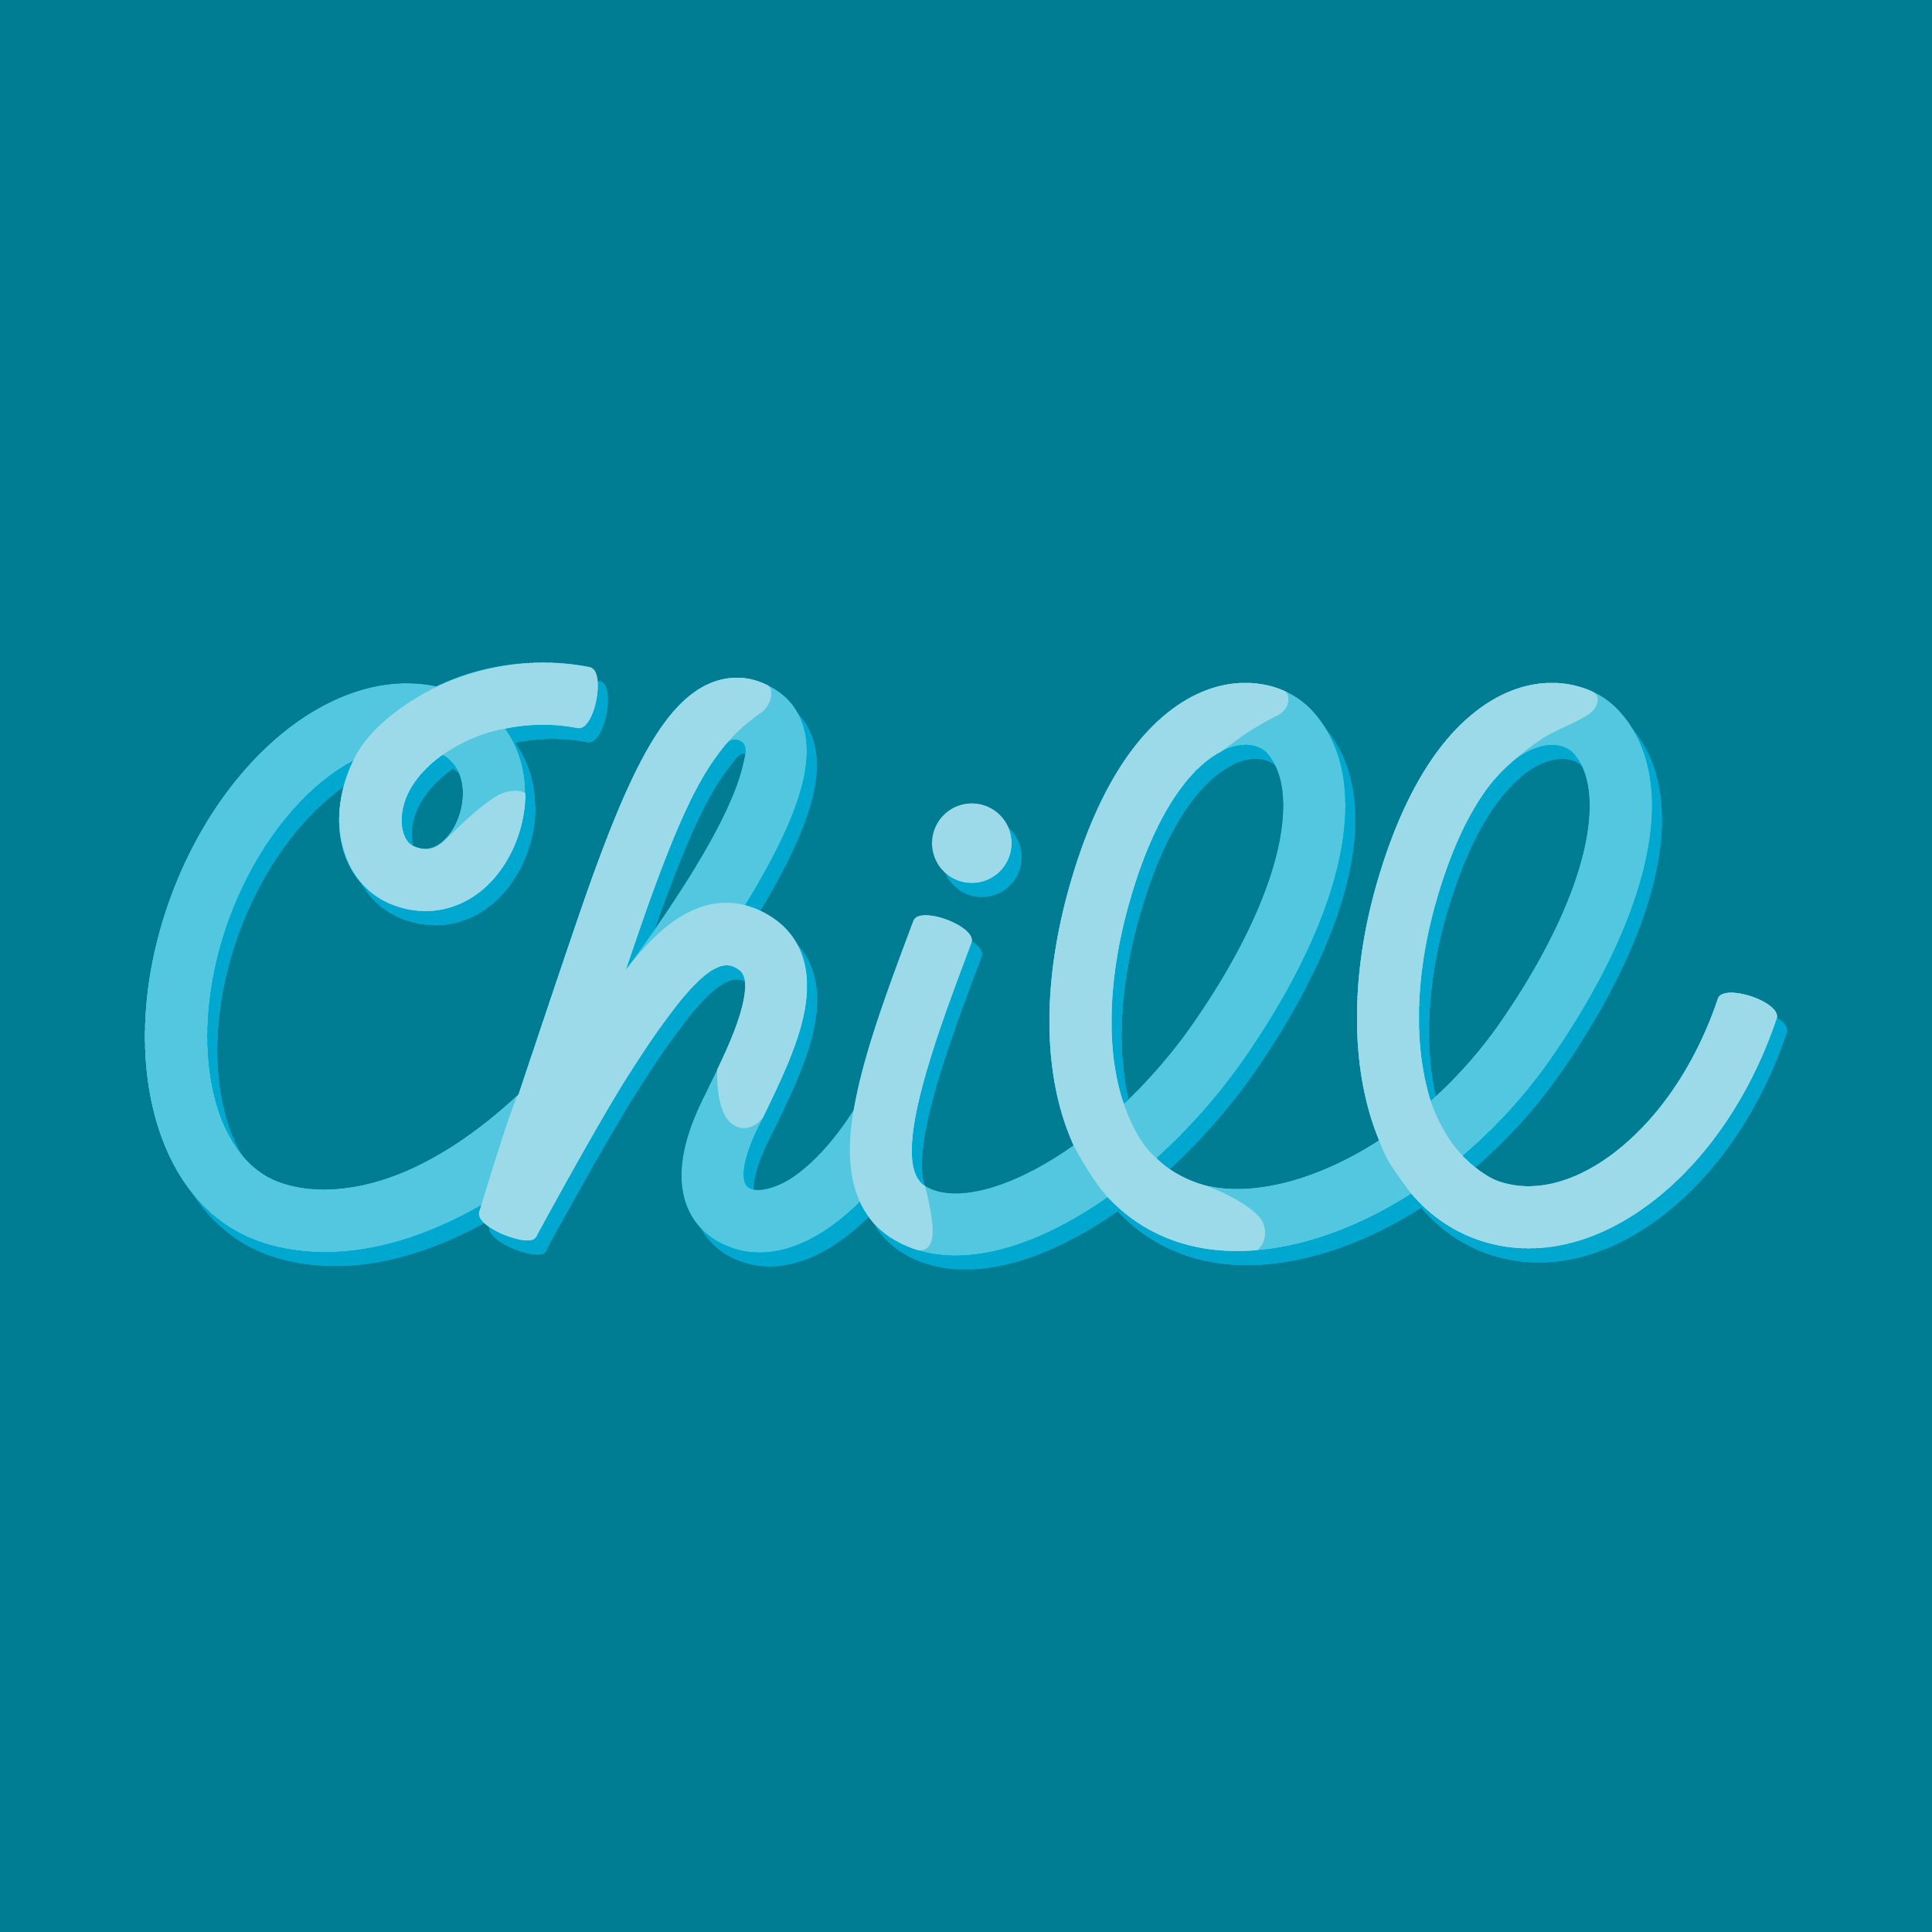 Chill-01.jpg